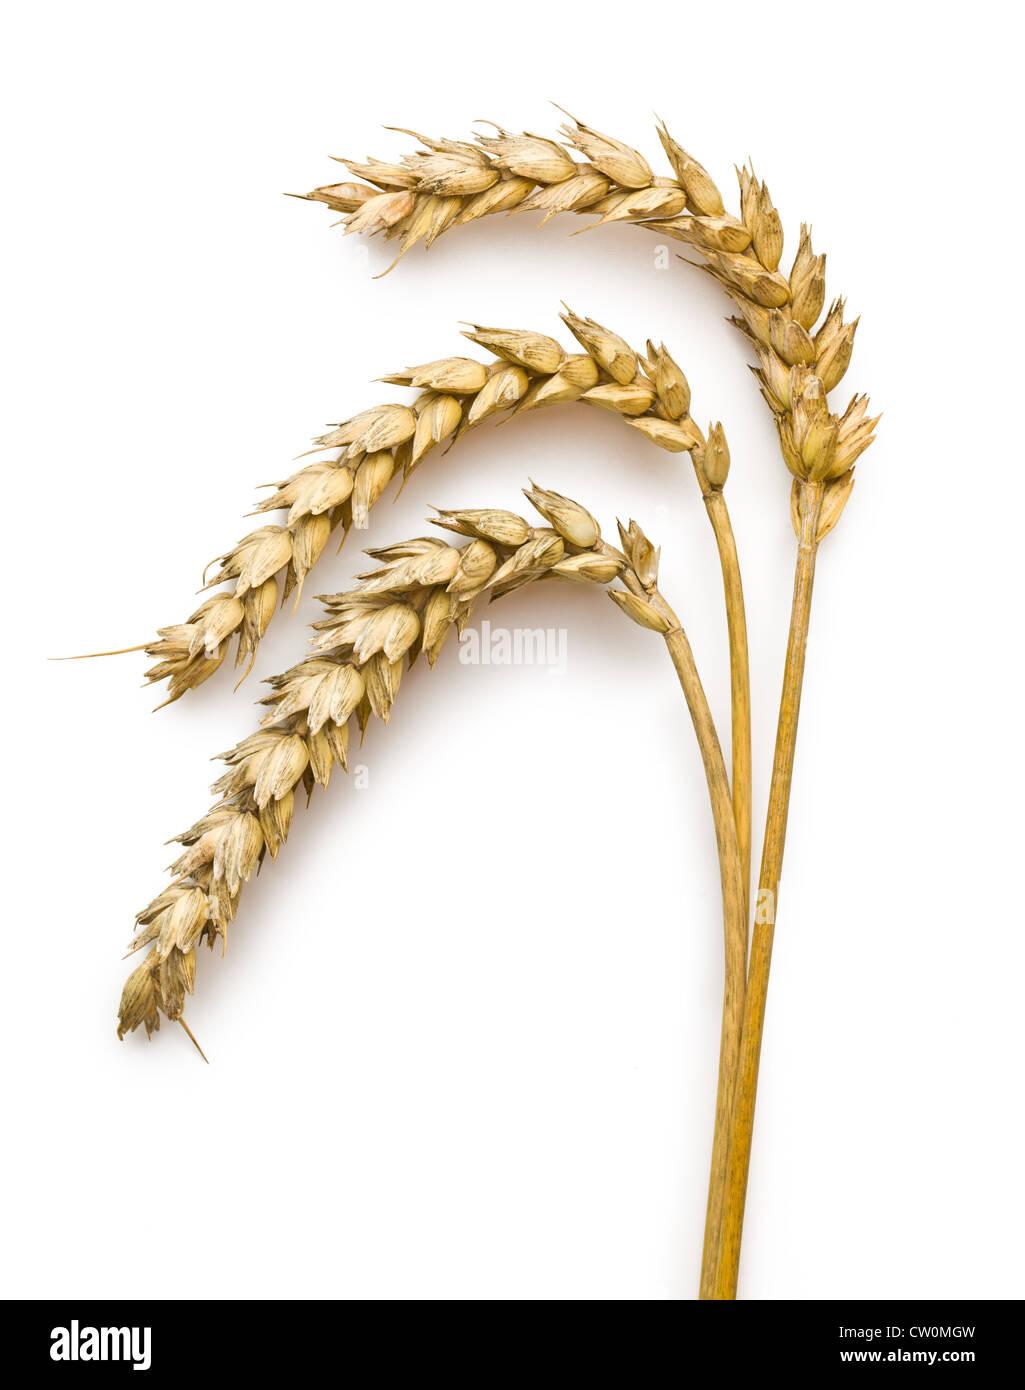 Espigas de trigo sobre fondo blanco. Imagen De Stock